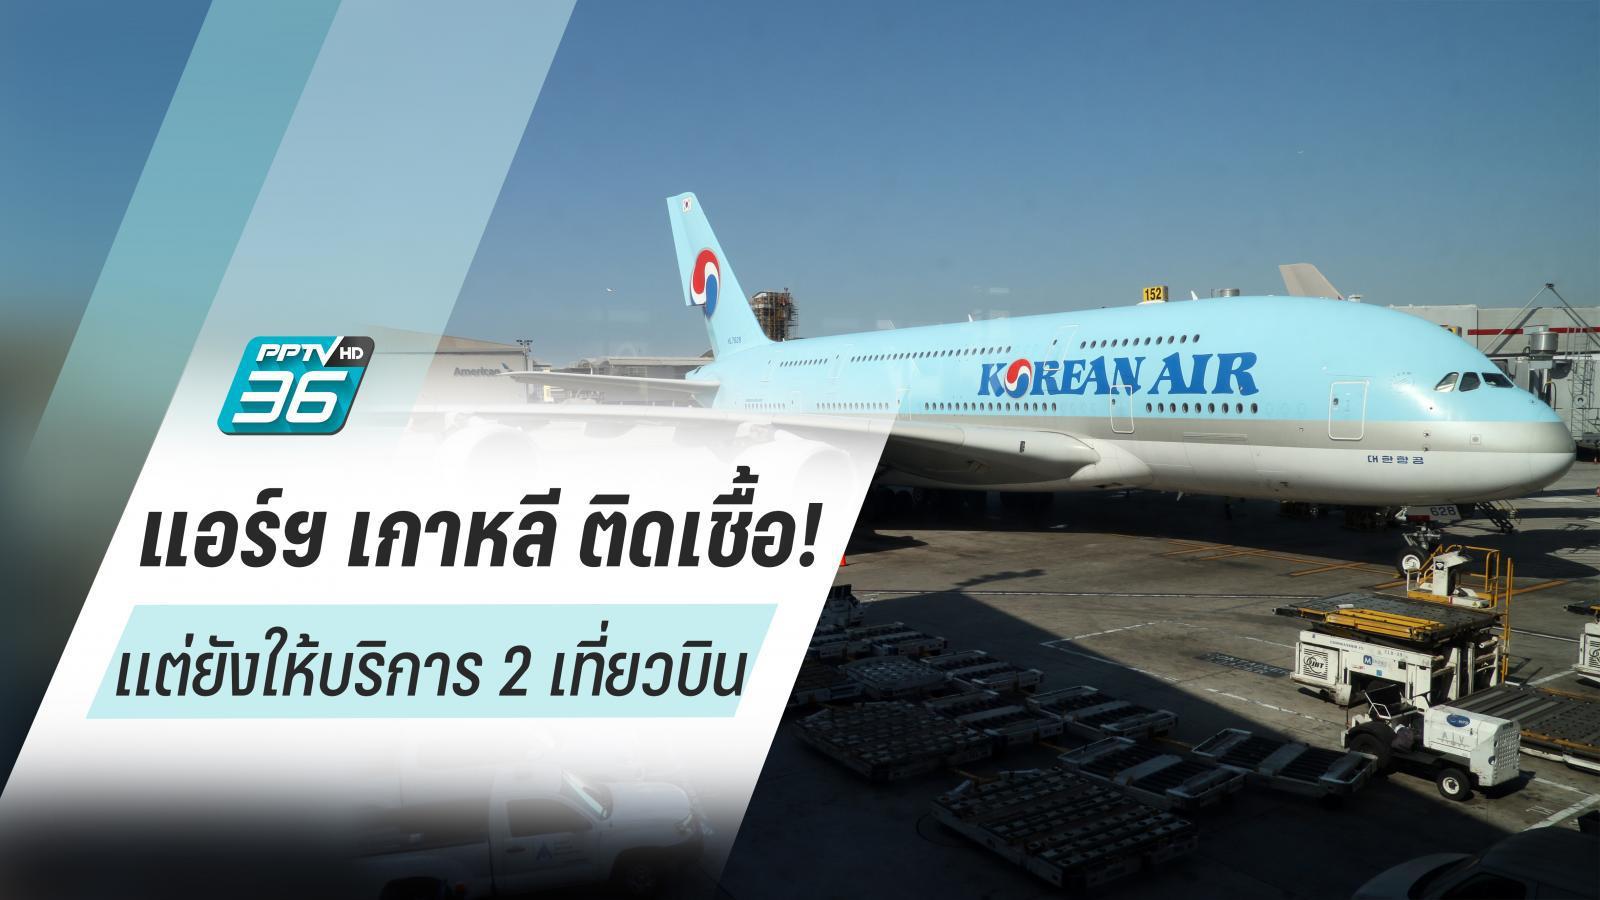 แอร์โฮสเตส สายการบิน Korean Air ติดเชื้อโควิด-19 ให้บริการบน 2 เที่ยวบินสำคัญ